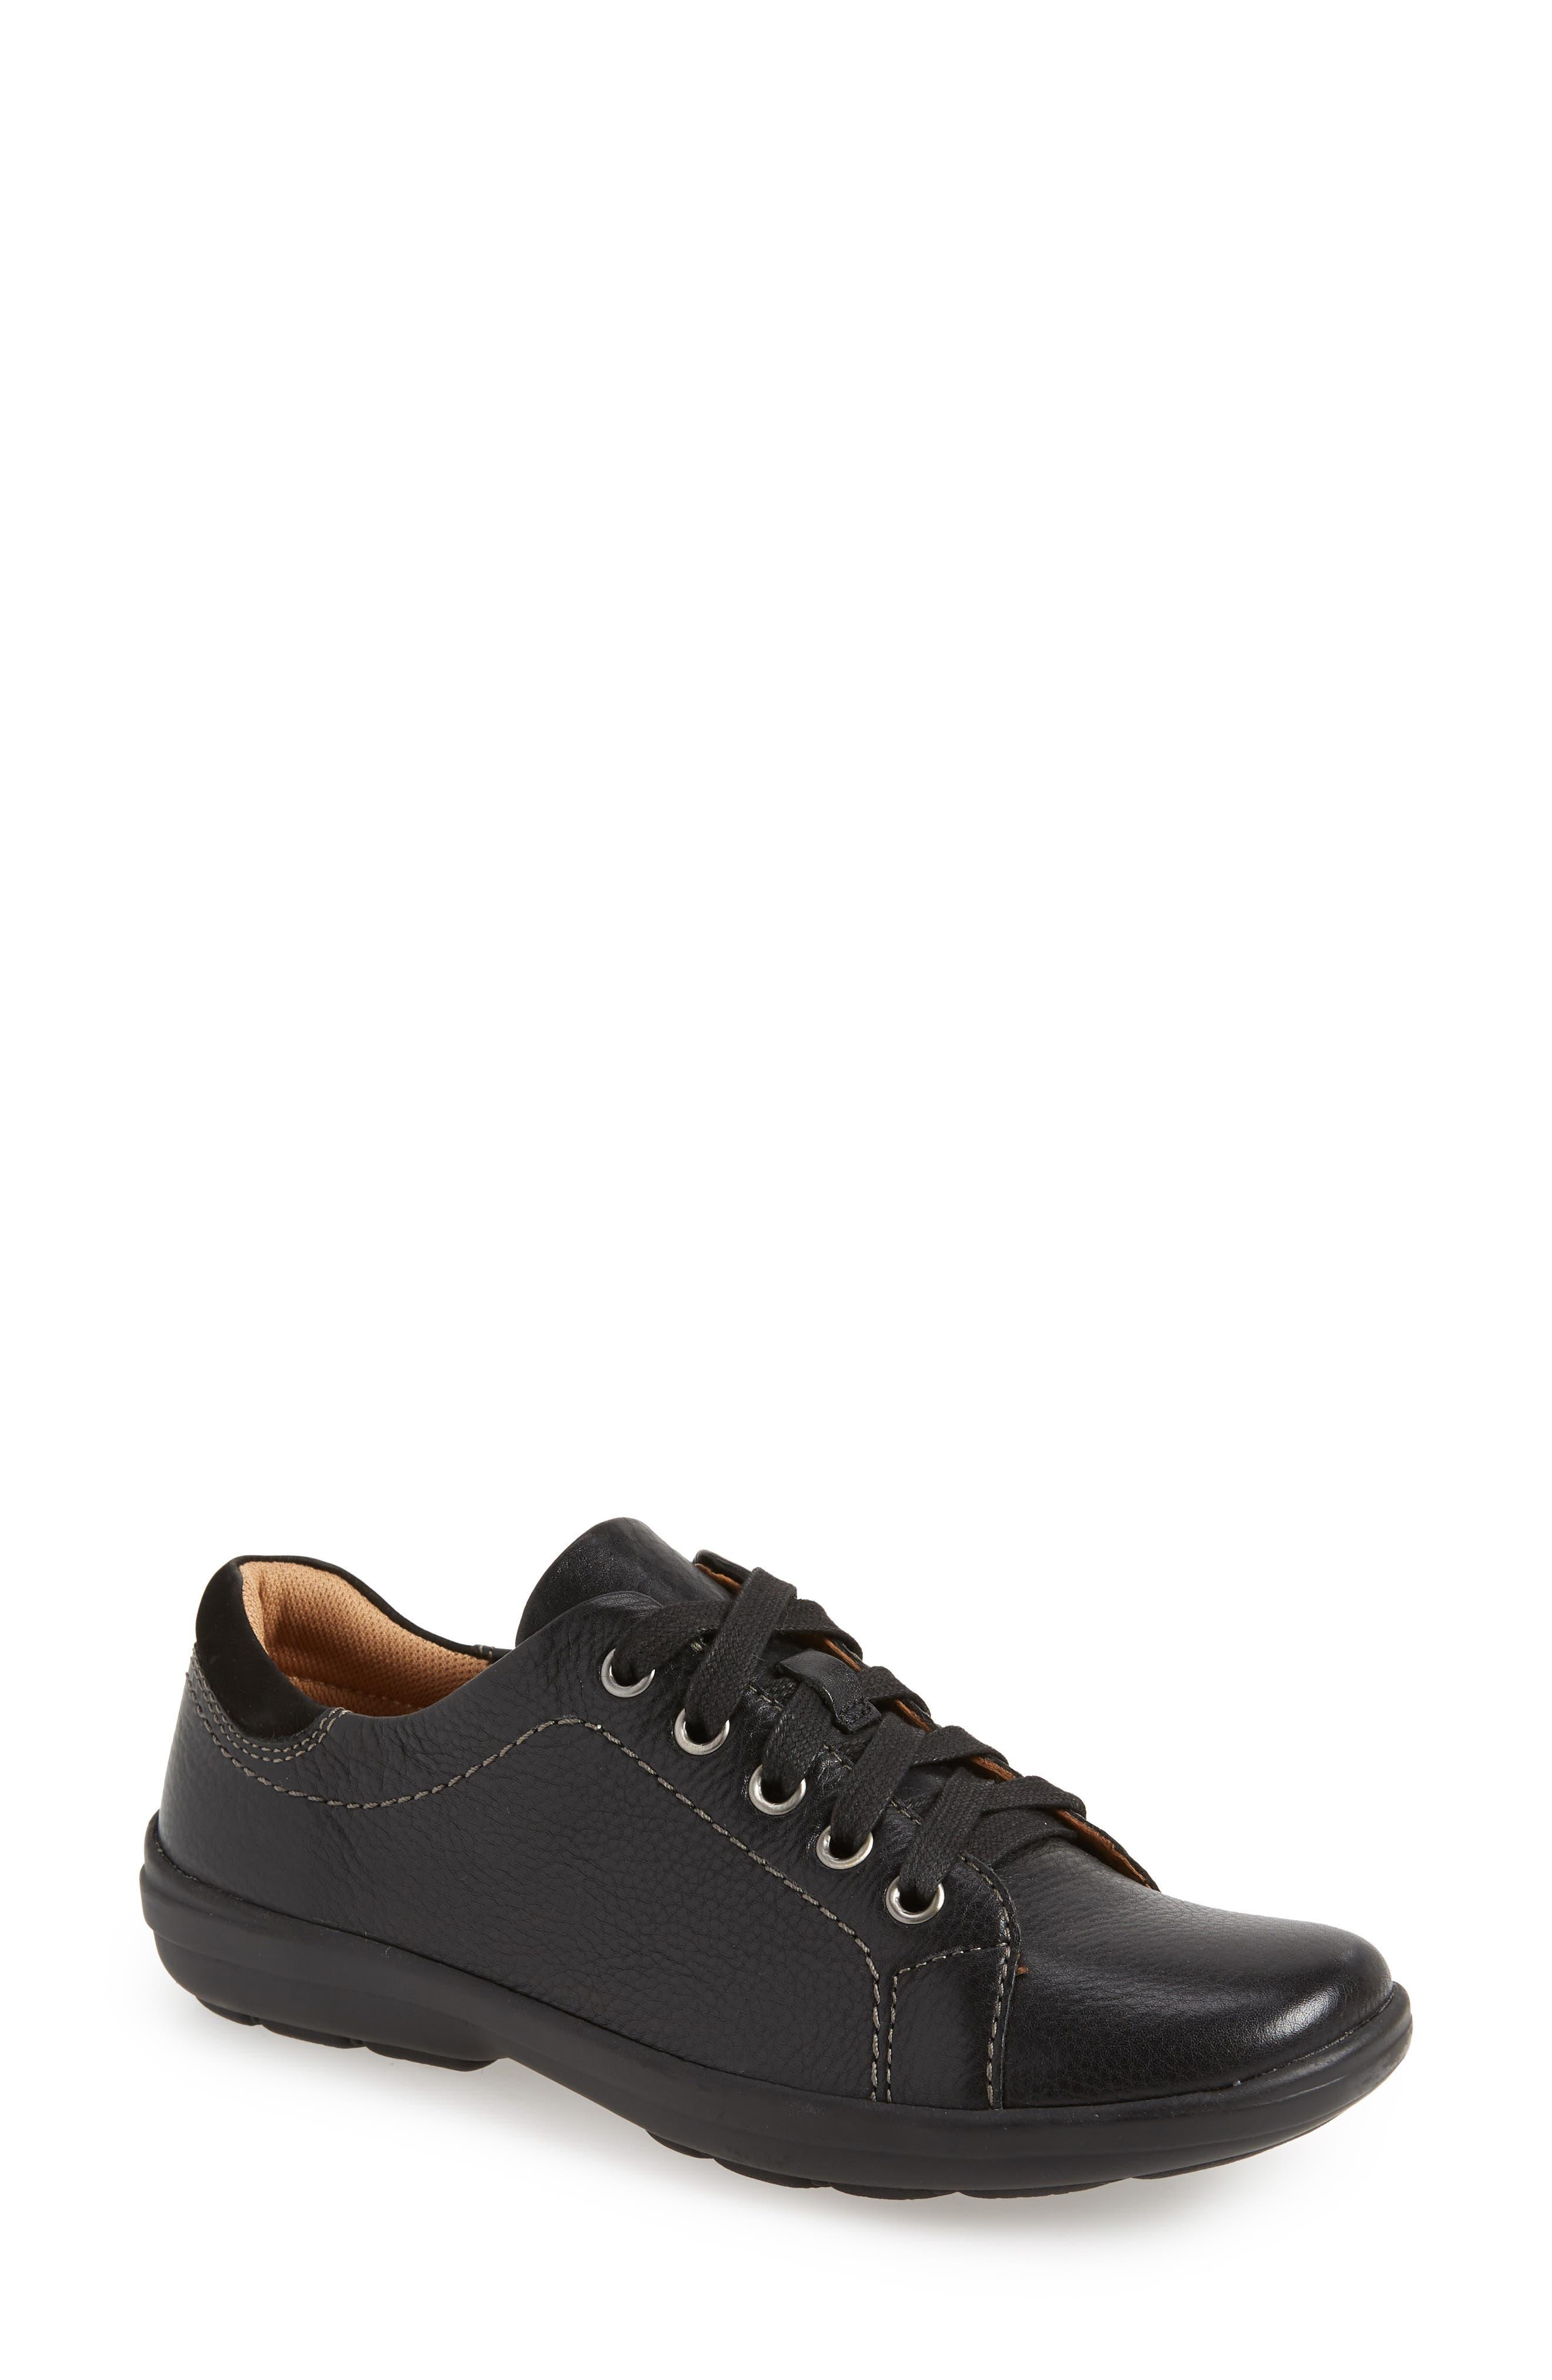 Reston Sneaker,                             Main thumbnail 1, color,                             BLACK